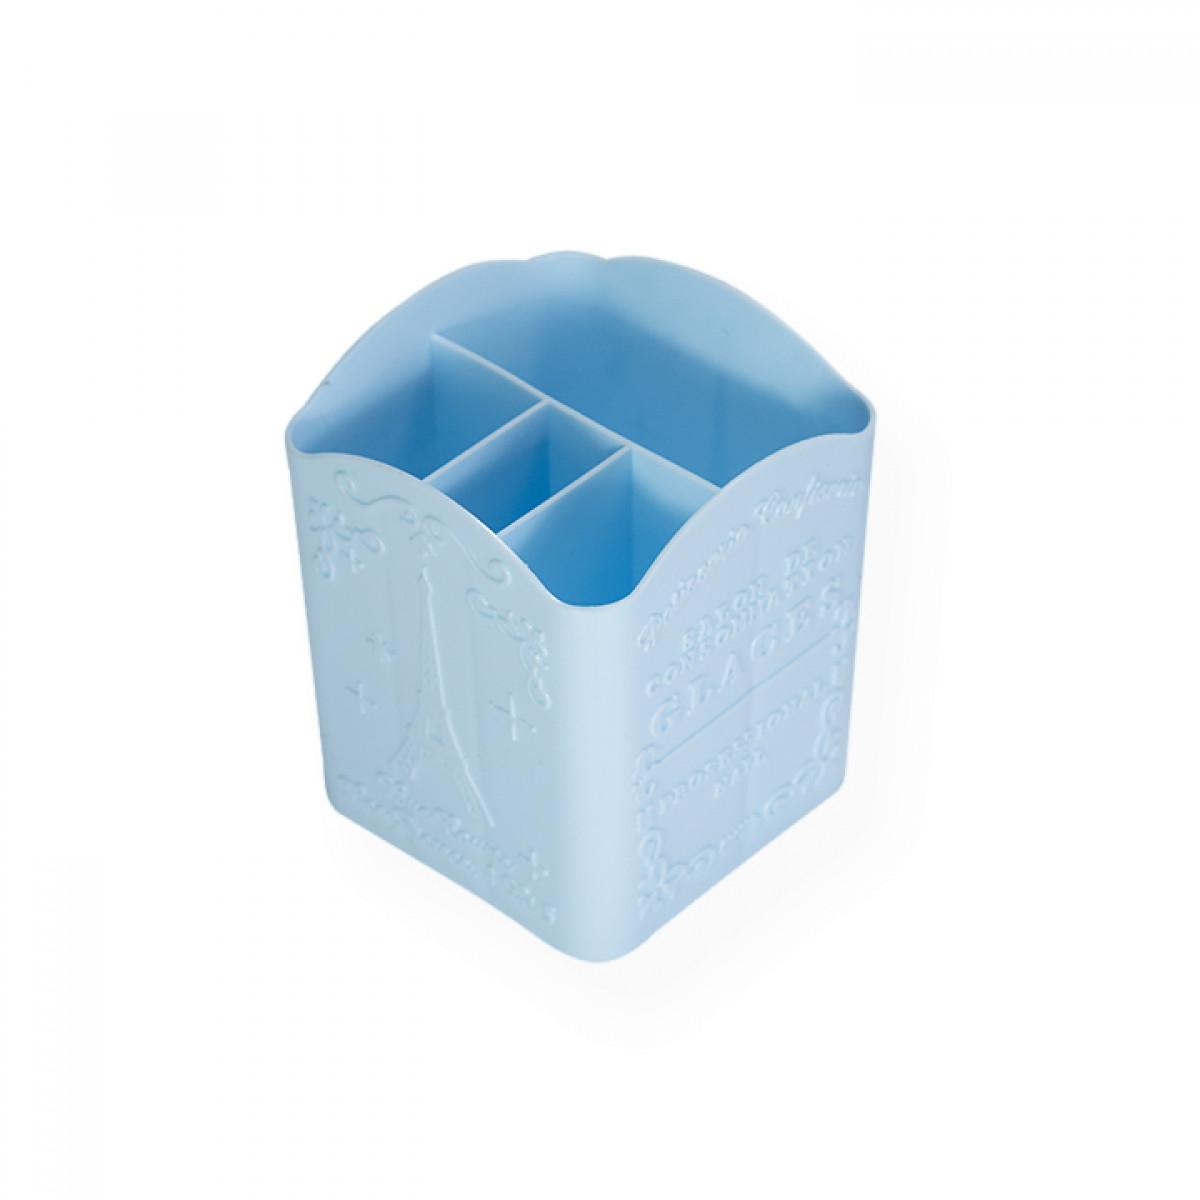 Підставка для кистей і пилок SQ-05 (01 блакитна)